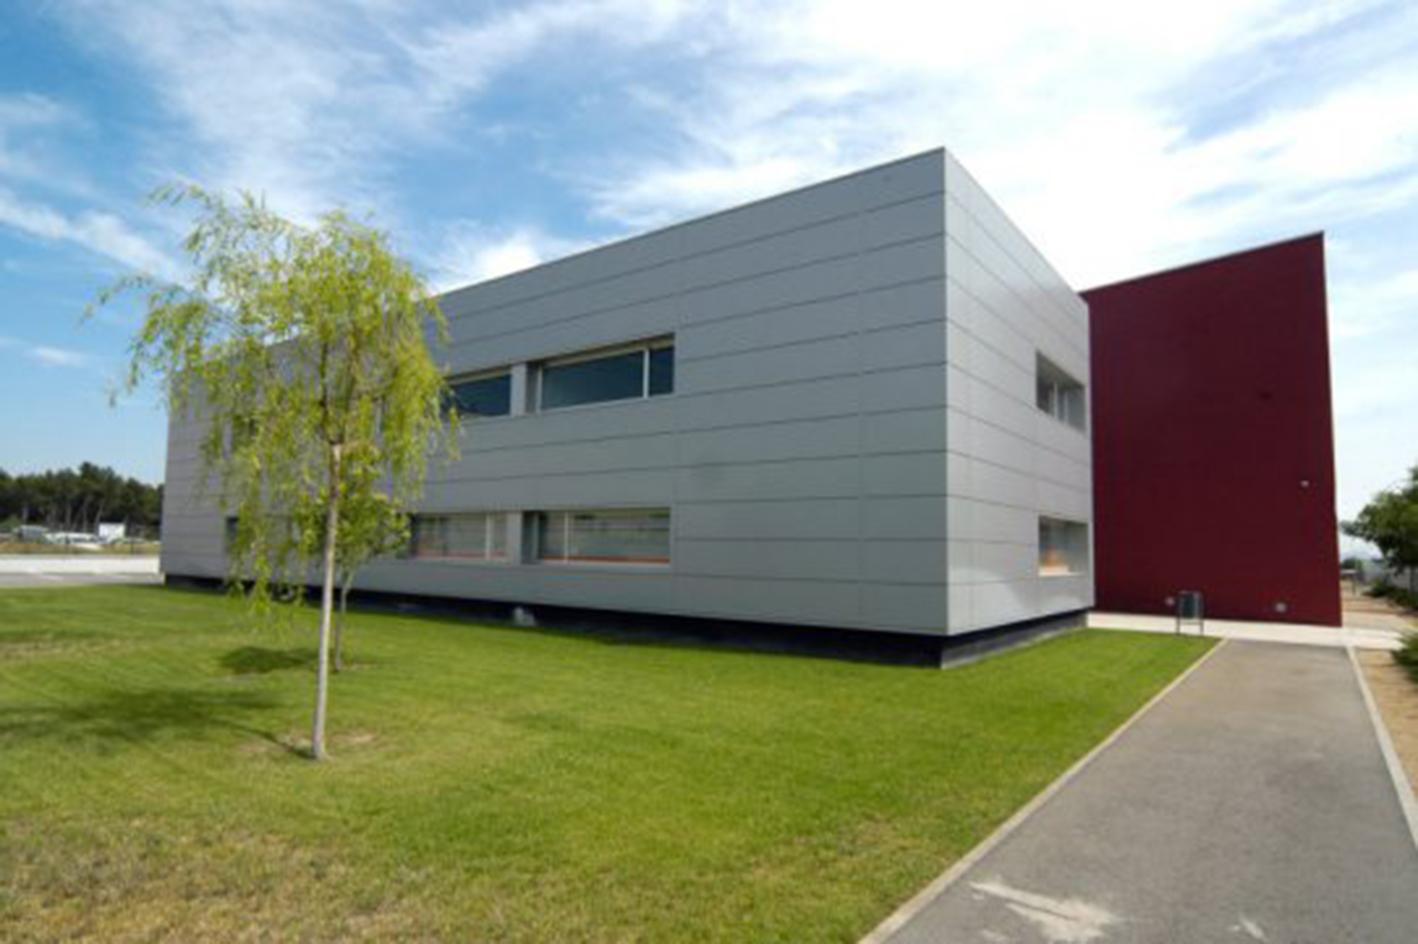 atictec-efficient-homes-system-passihouse-precision-eficiencia-flexibilidad-exterior-empresa